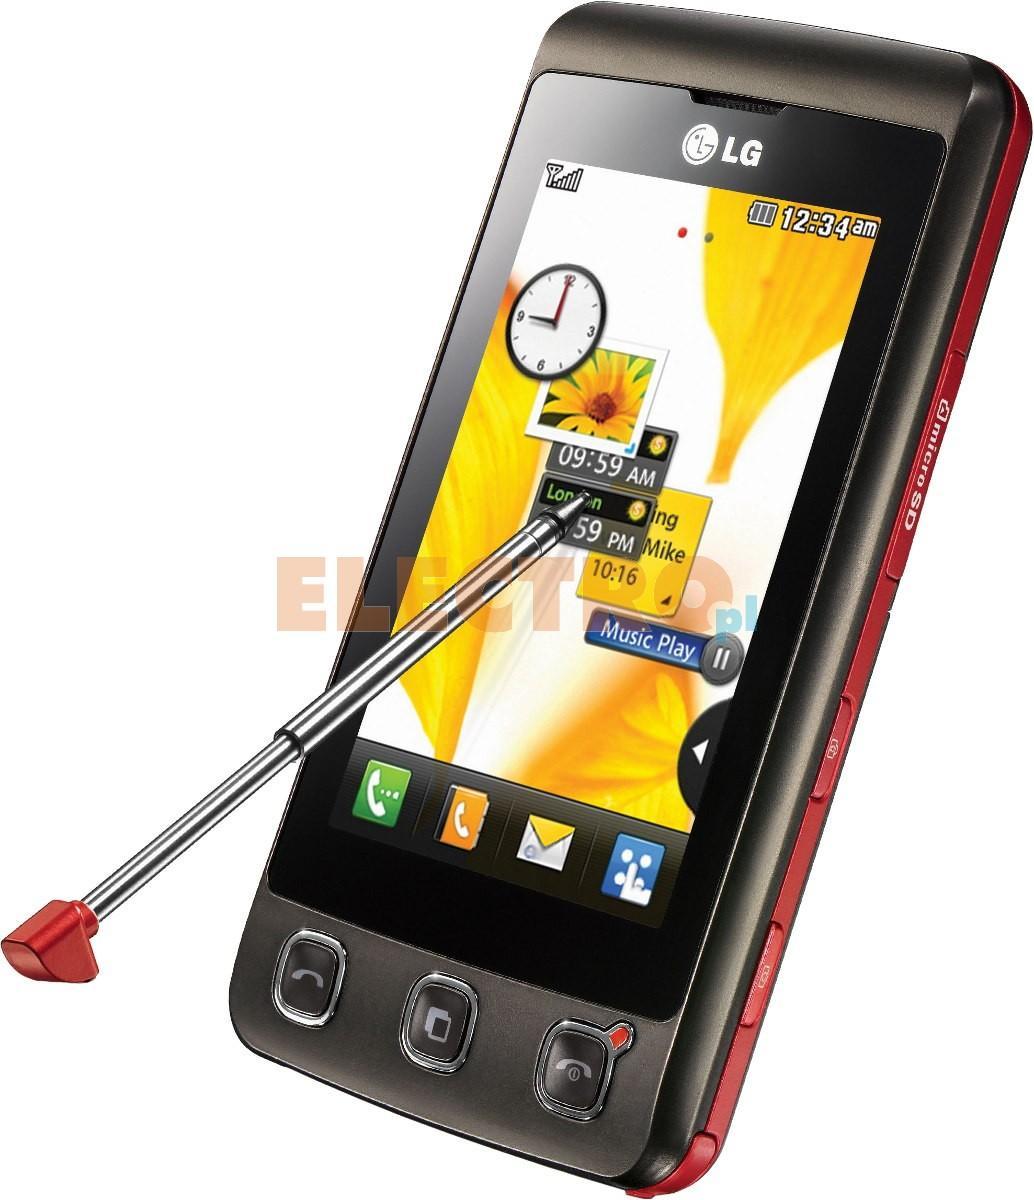 telefon komórkowy lg kp500